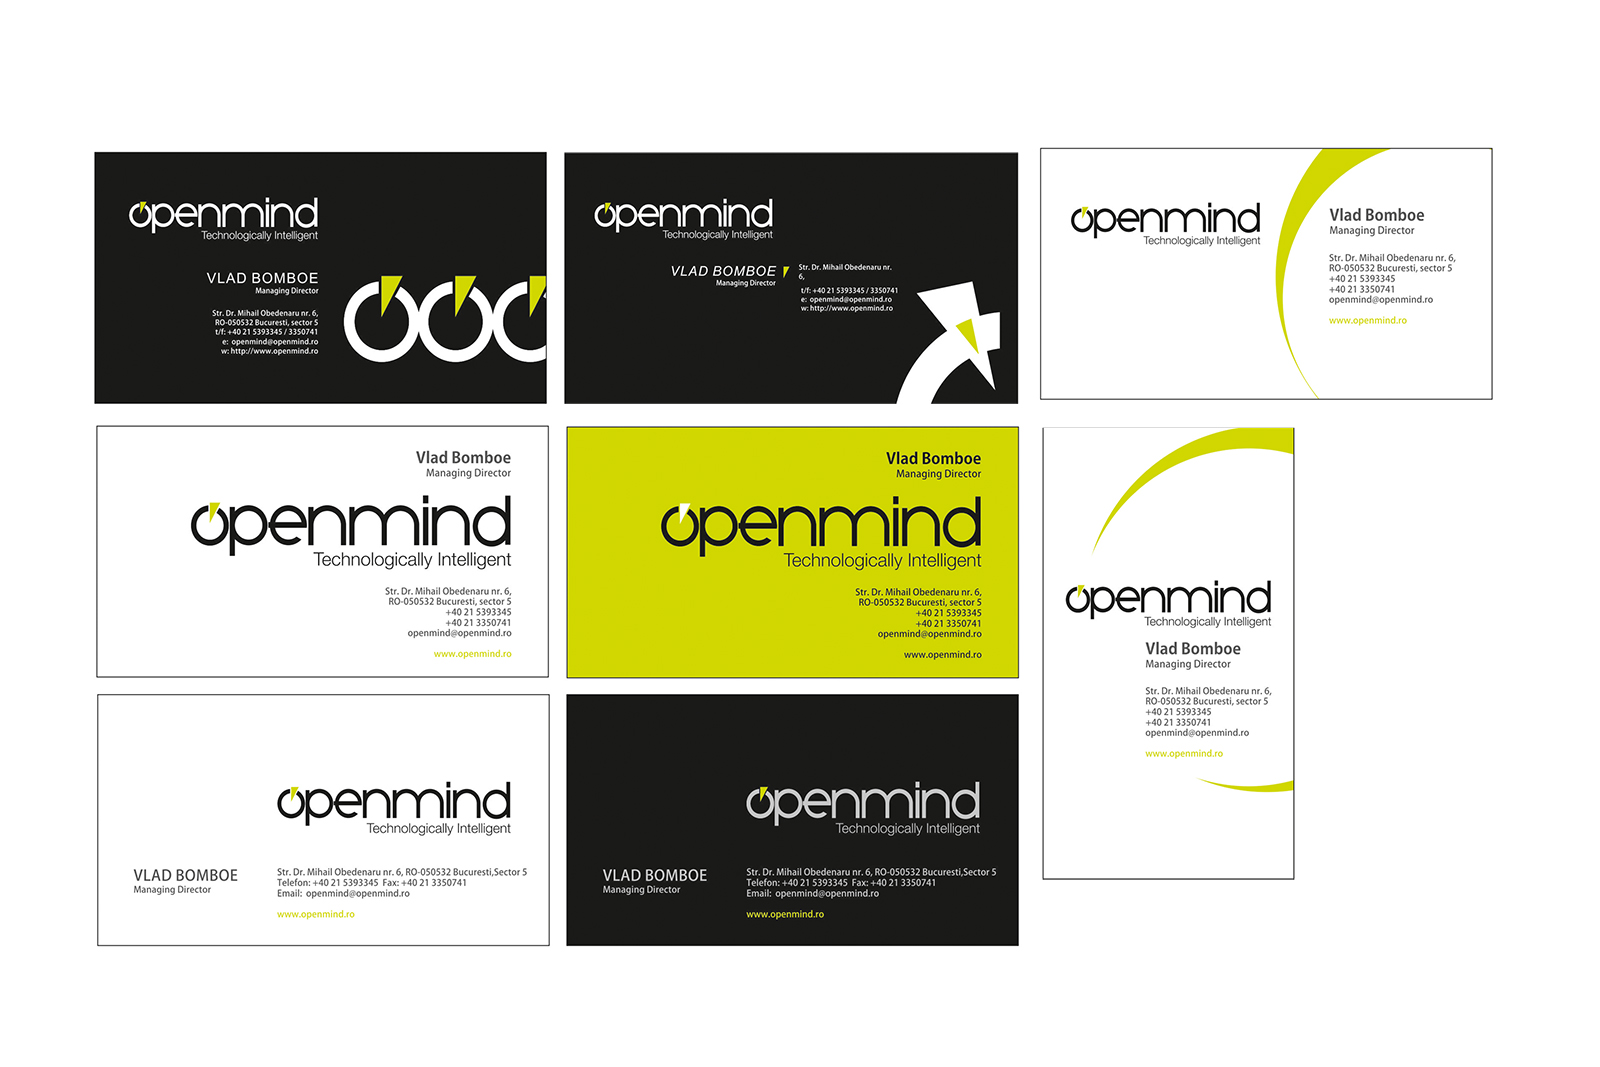 Openmind bisiness card design